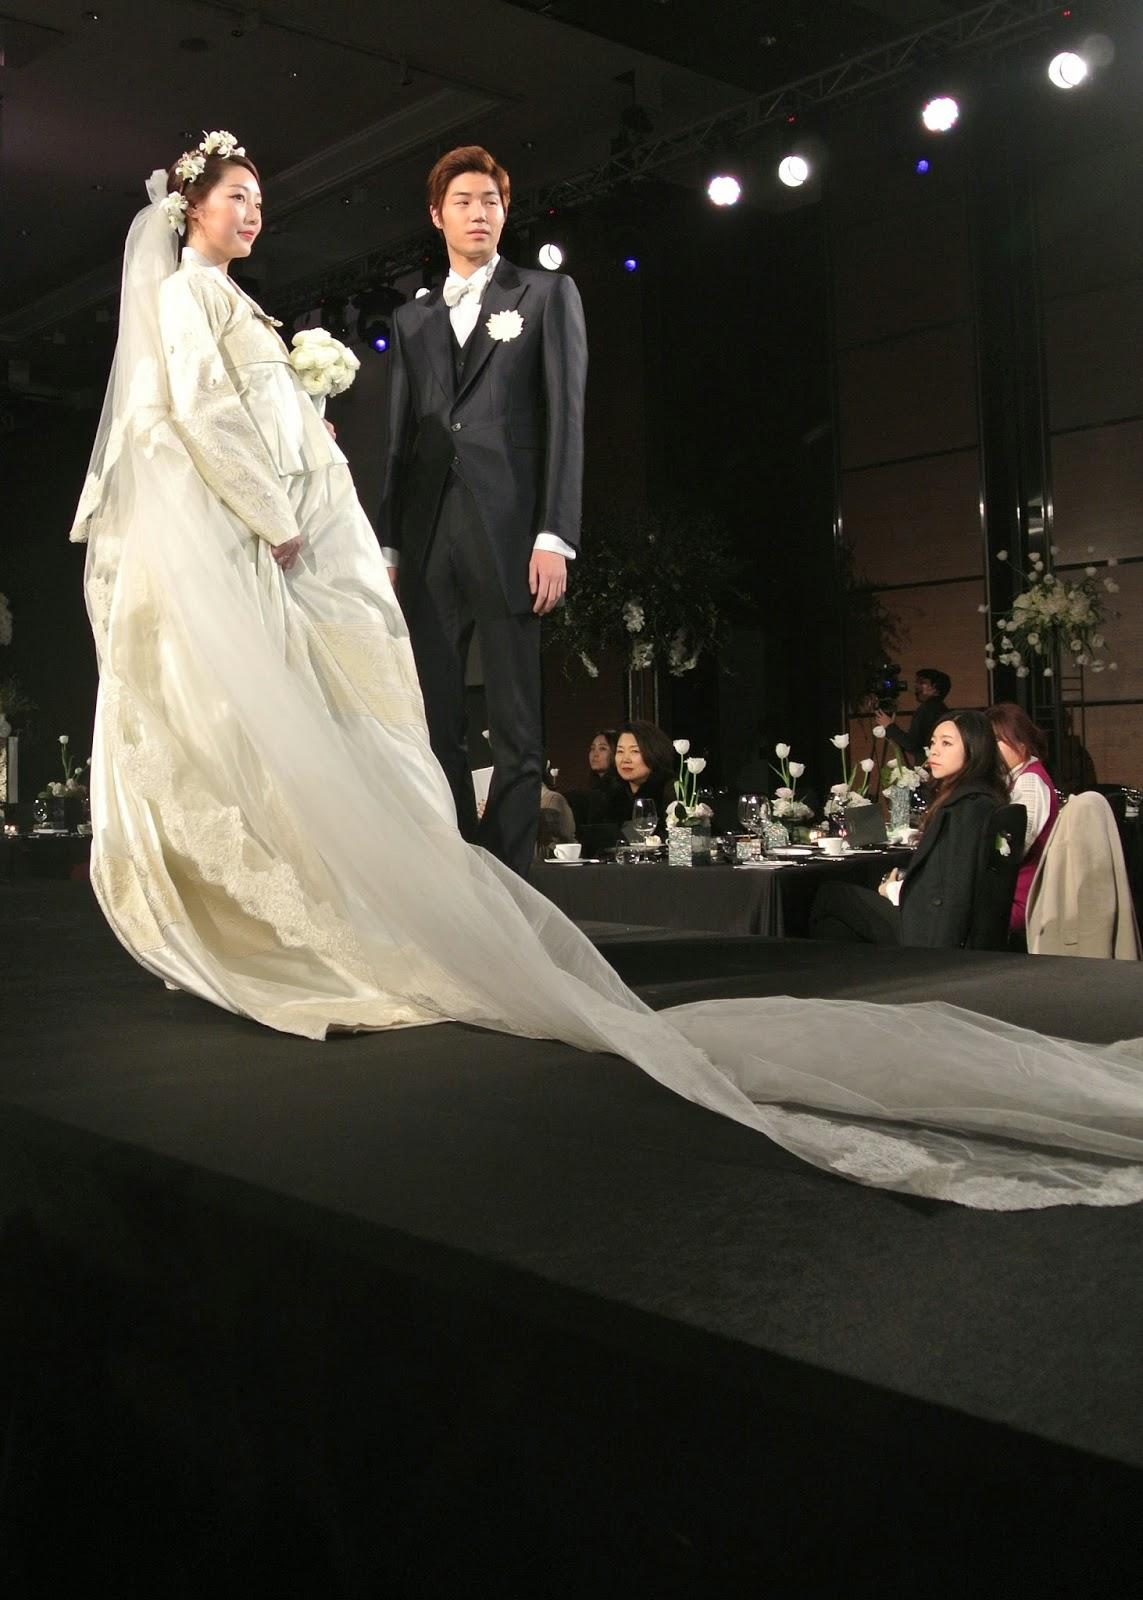 Korean Style Wedding Dress 88 Marvelous For more information on